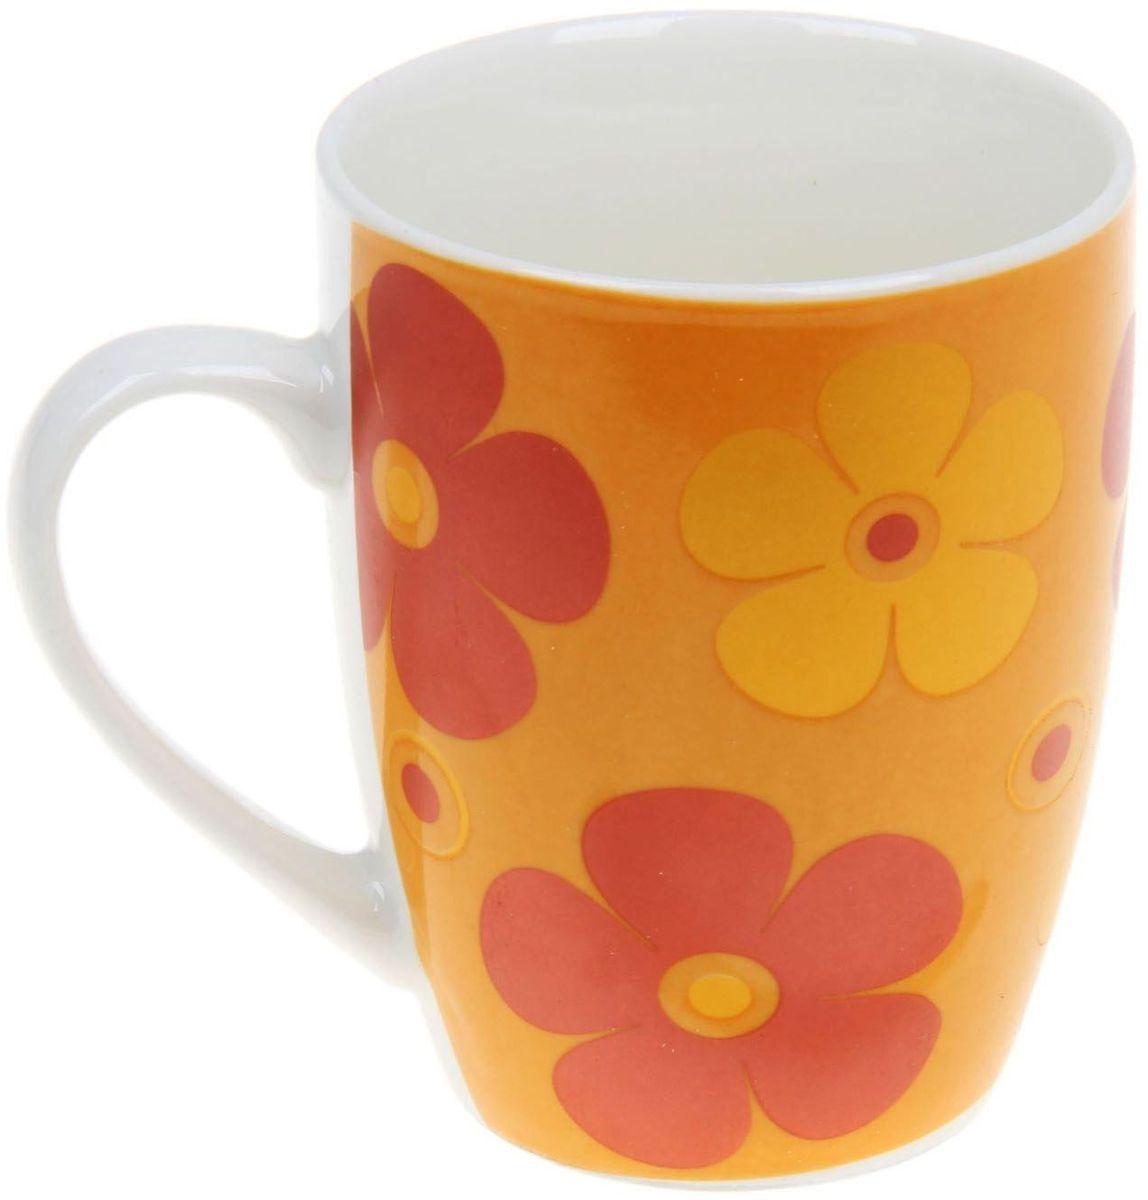 Кружка Доляна Радуга цветов, 300 мл кружка доляна радуга цвет желтый белый 300 мл